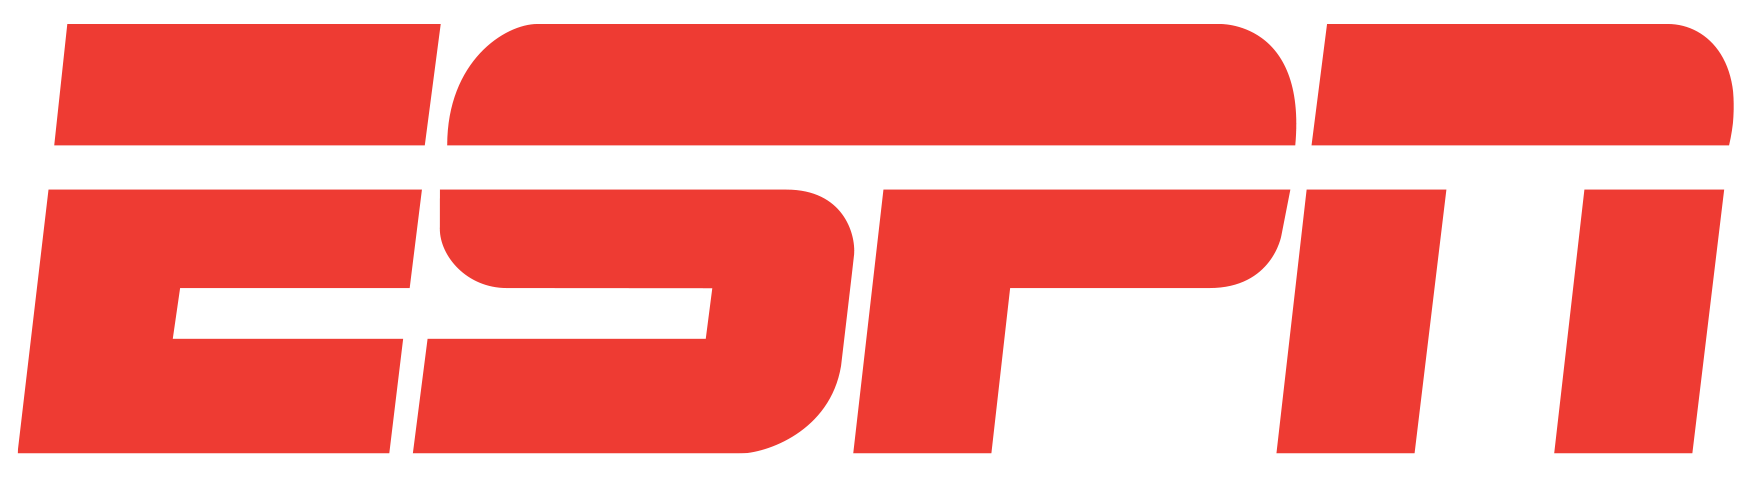 On ESPN